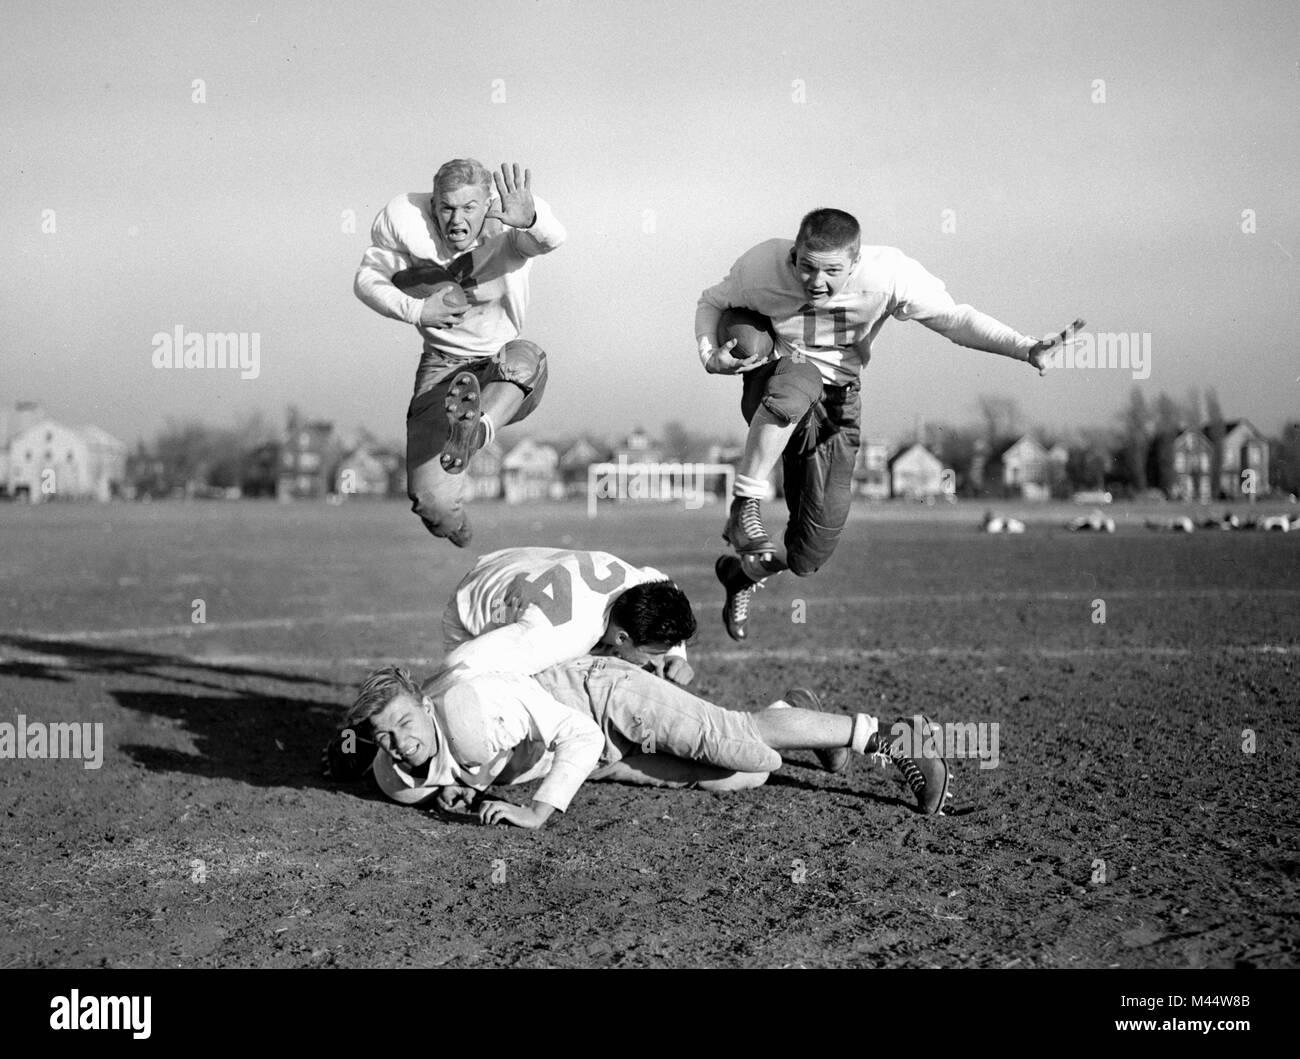 Dos futbolistas adolescentes sin cascos saltan sobre sus compañeros, replicando la acción del juego durante la práctica, ca. 1950. Foto de stock